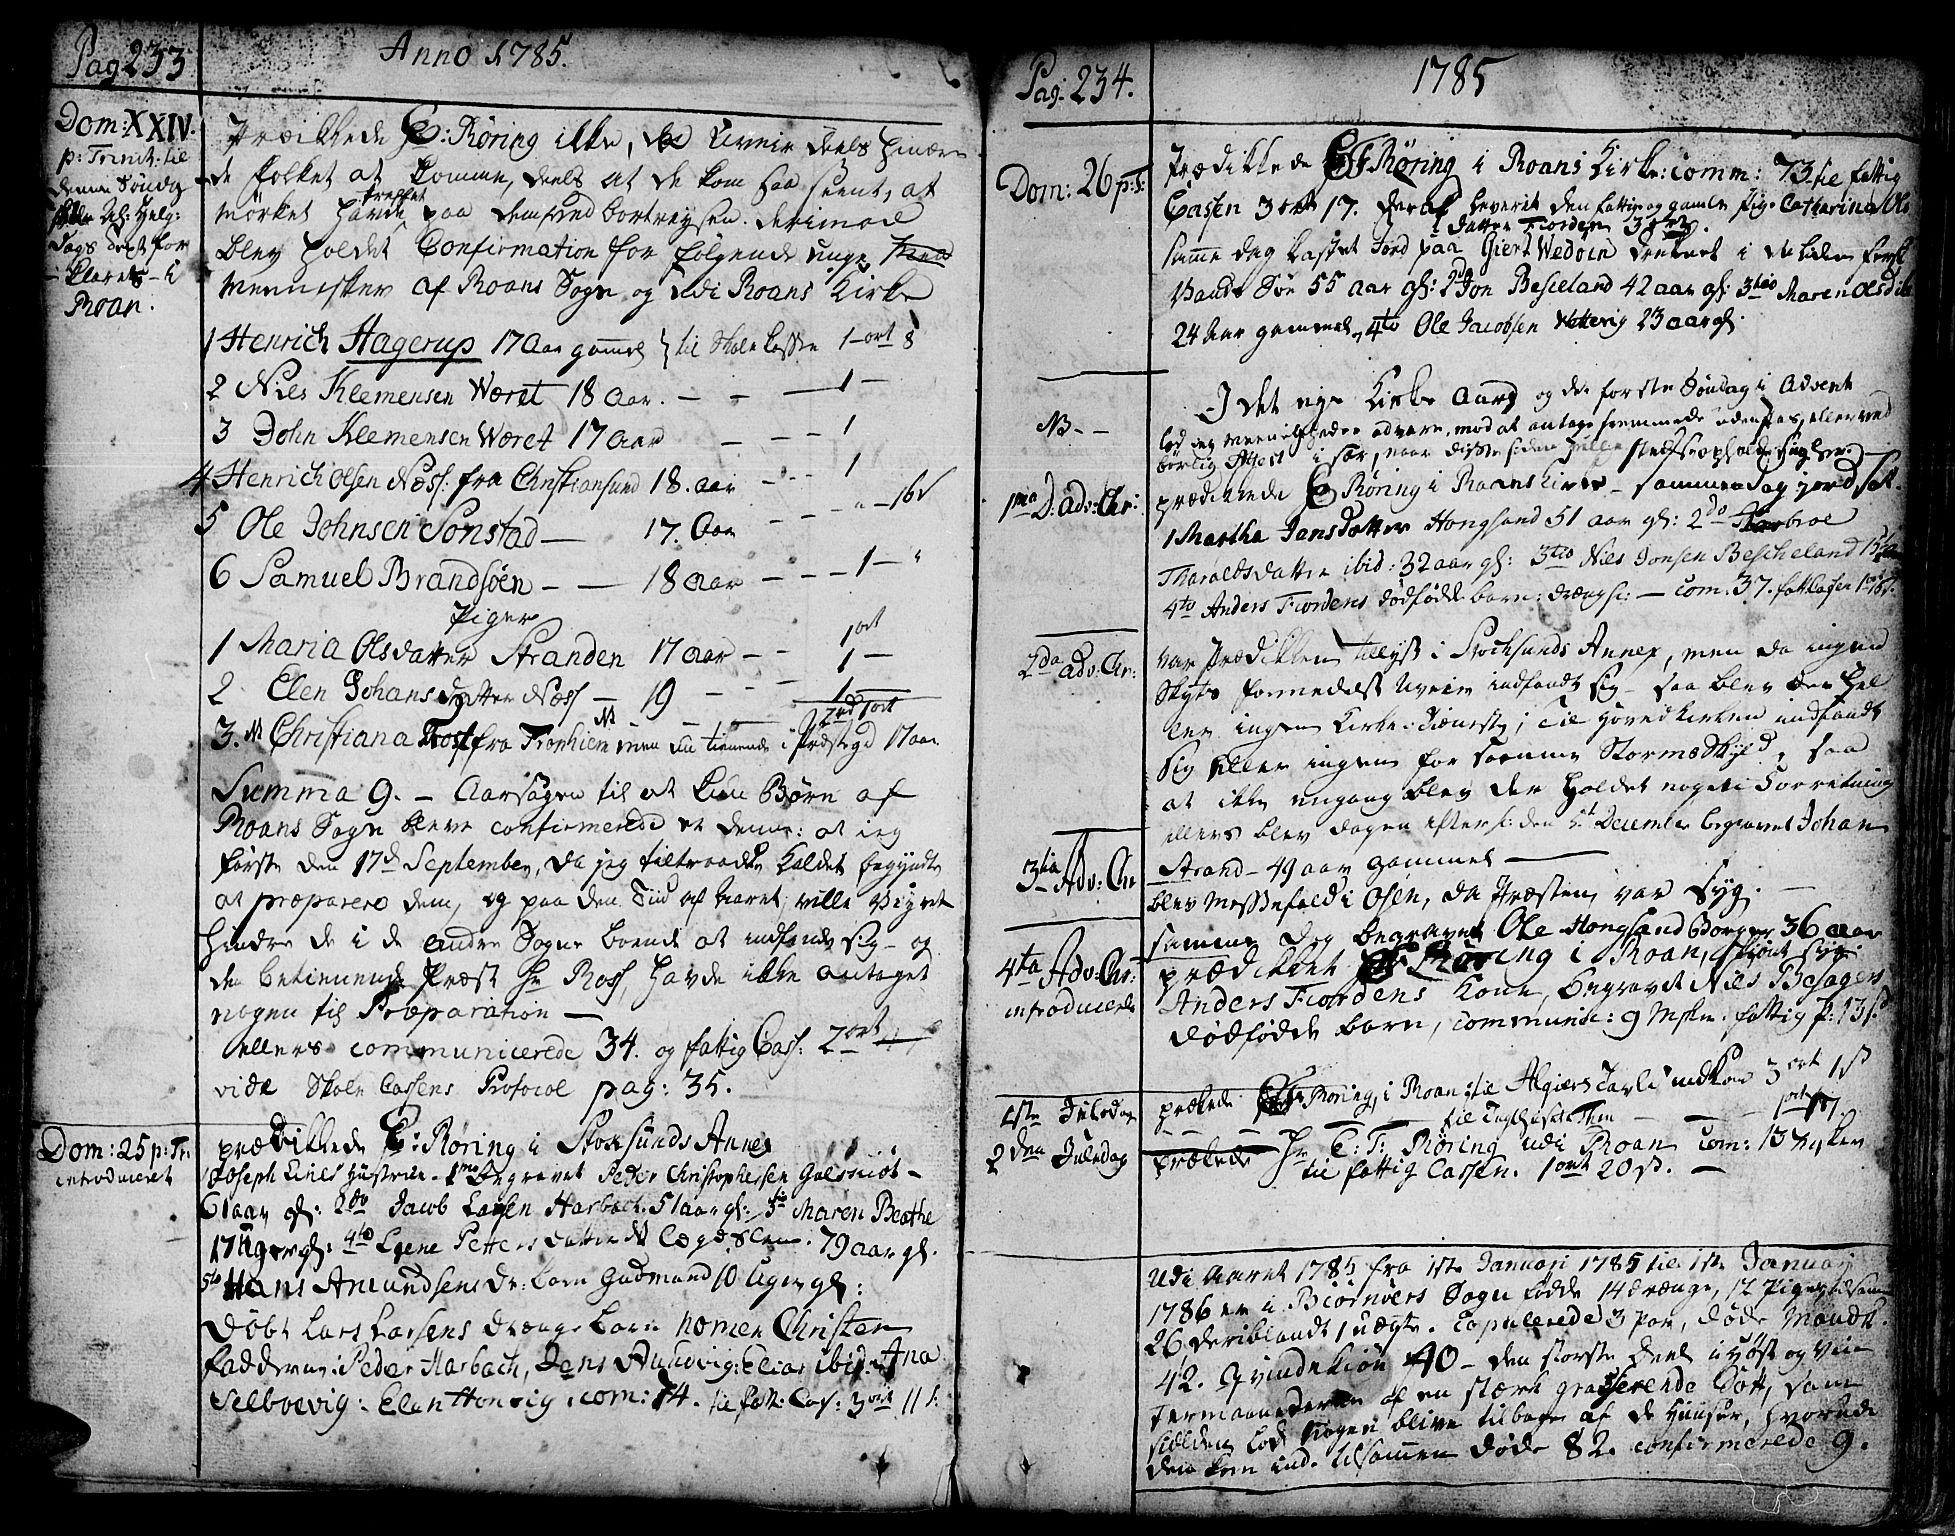 SAT, Ministerialprotokoller, klokkerbøker og fødselsregistre - Sør-Trøndelag, 657/L0700: Ministerialbok nr. 657A01, 1732-1801, s. 333-334